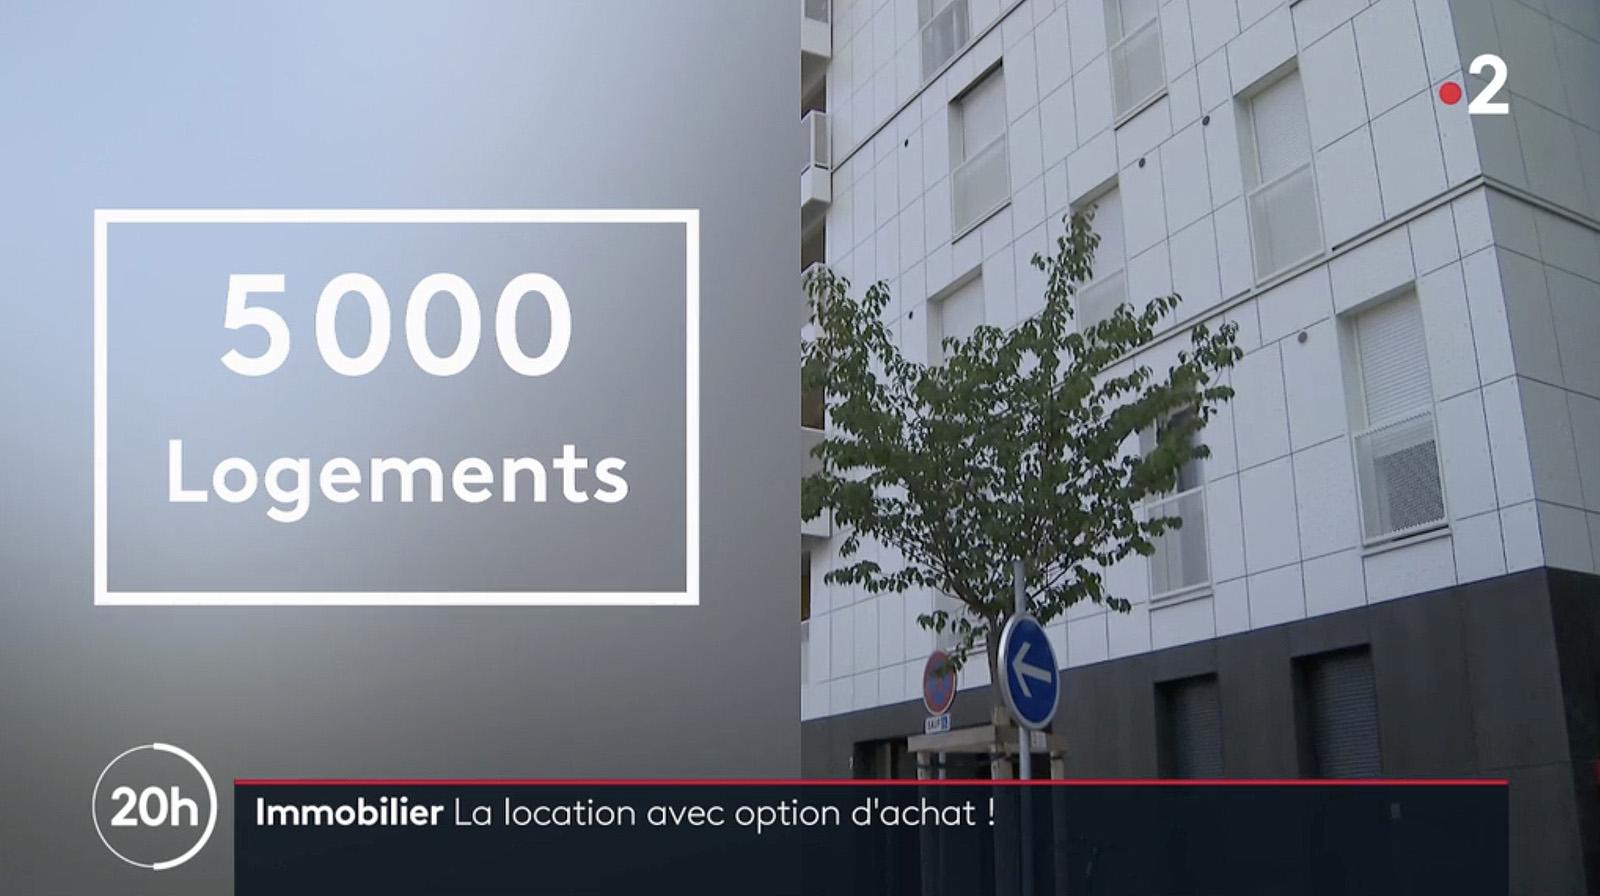 NCS_Journal Télévisé de France 2_022